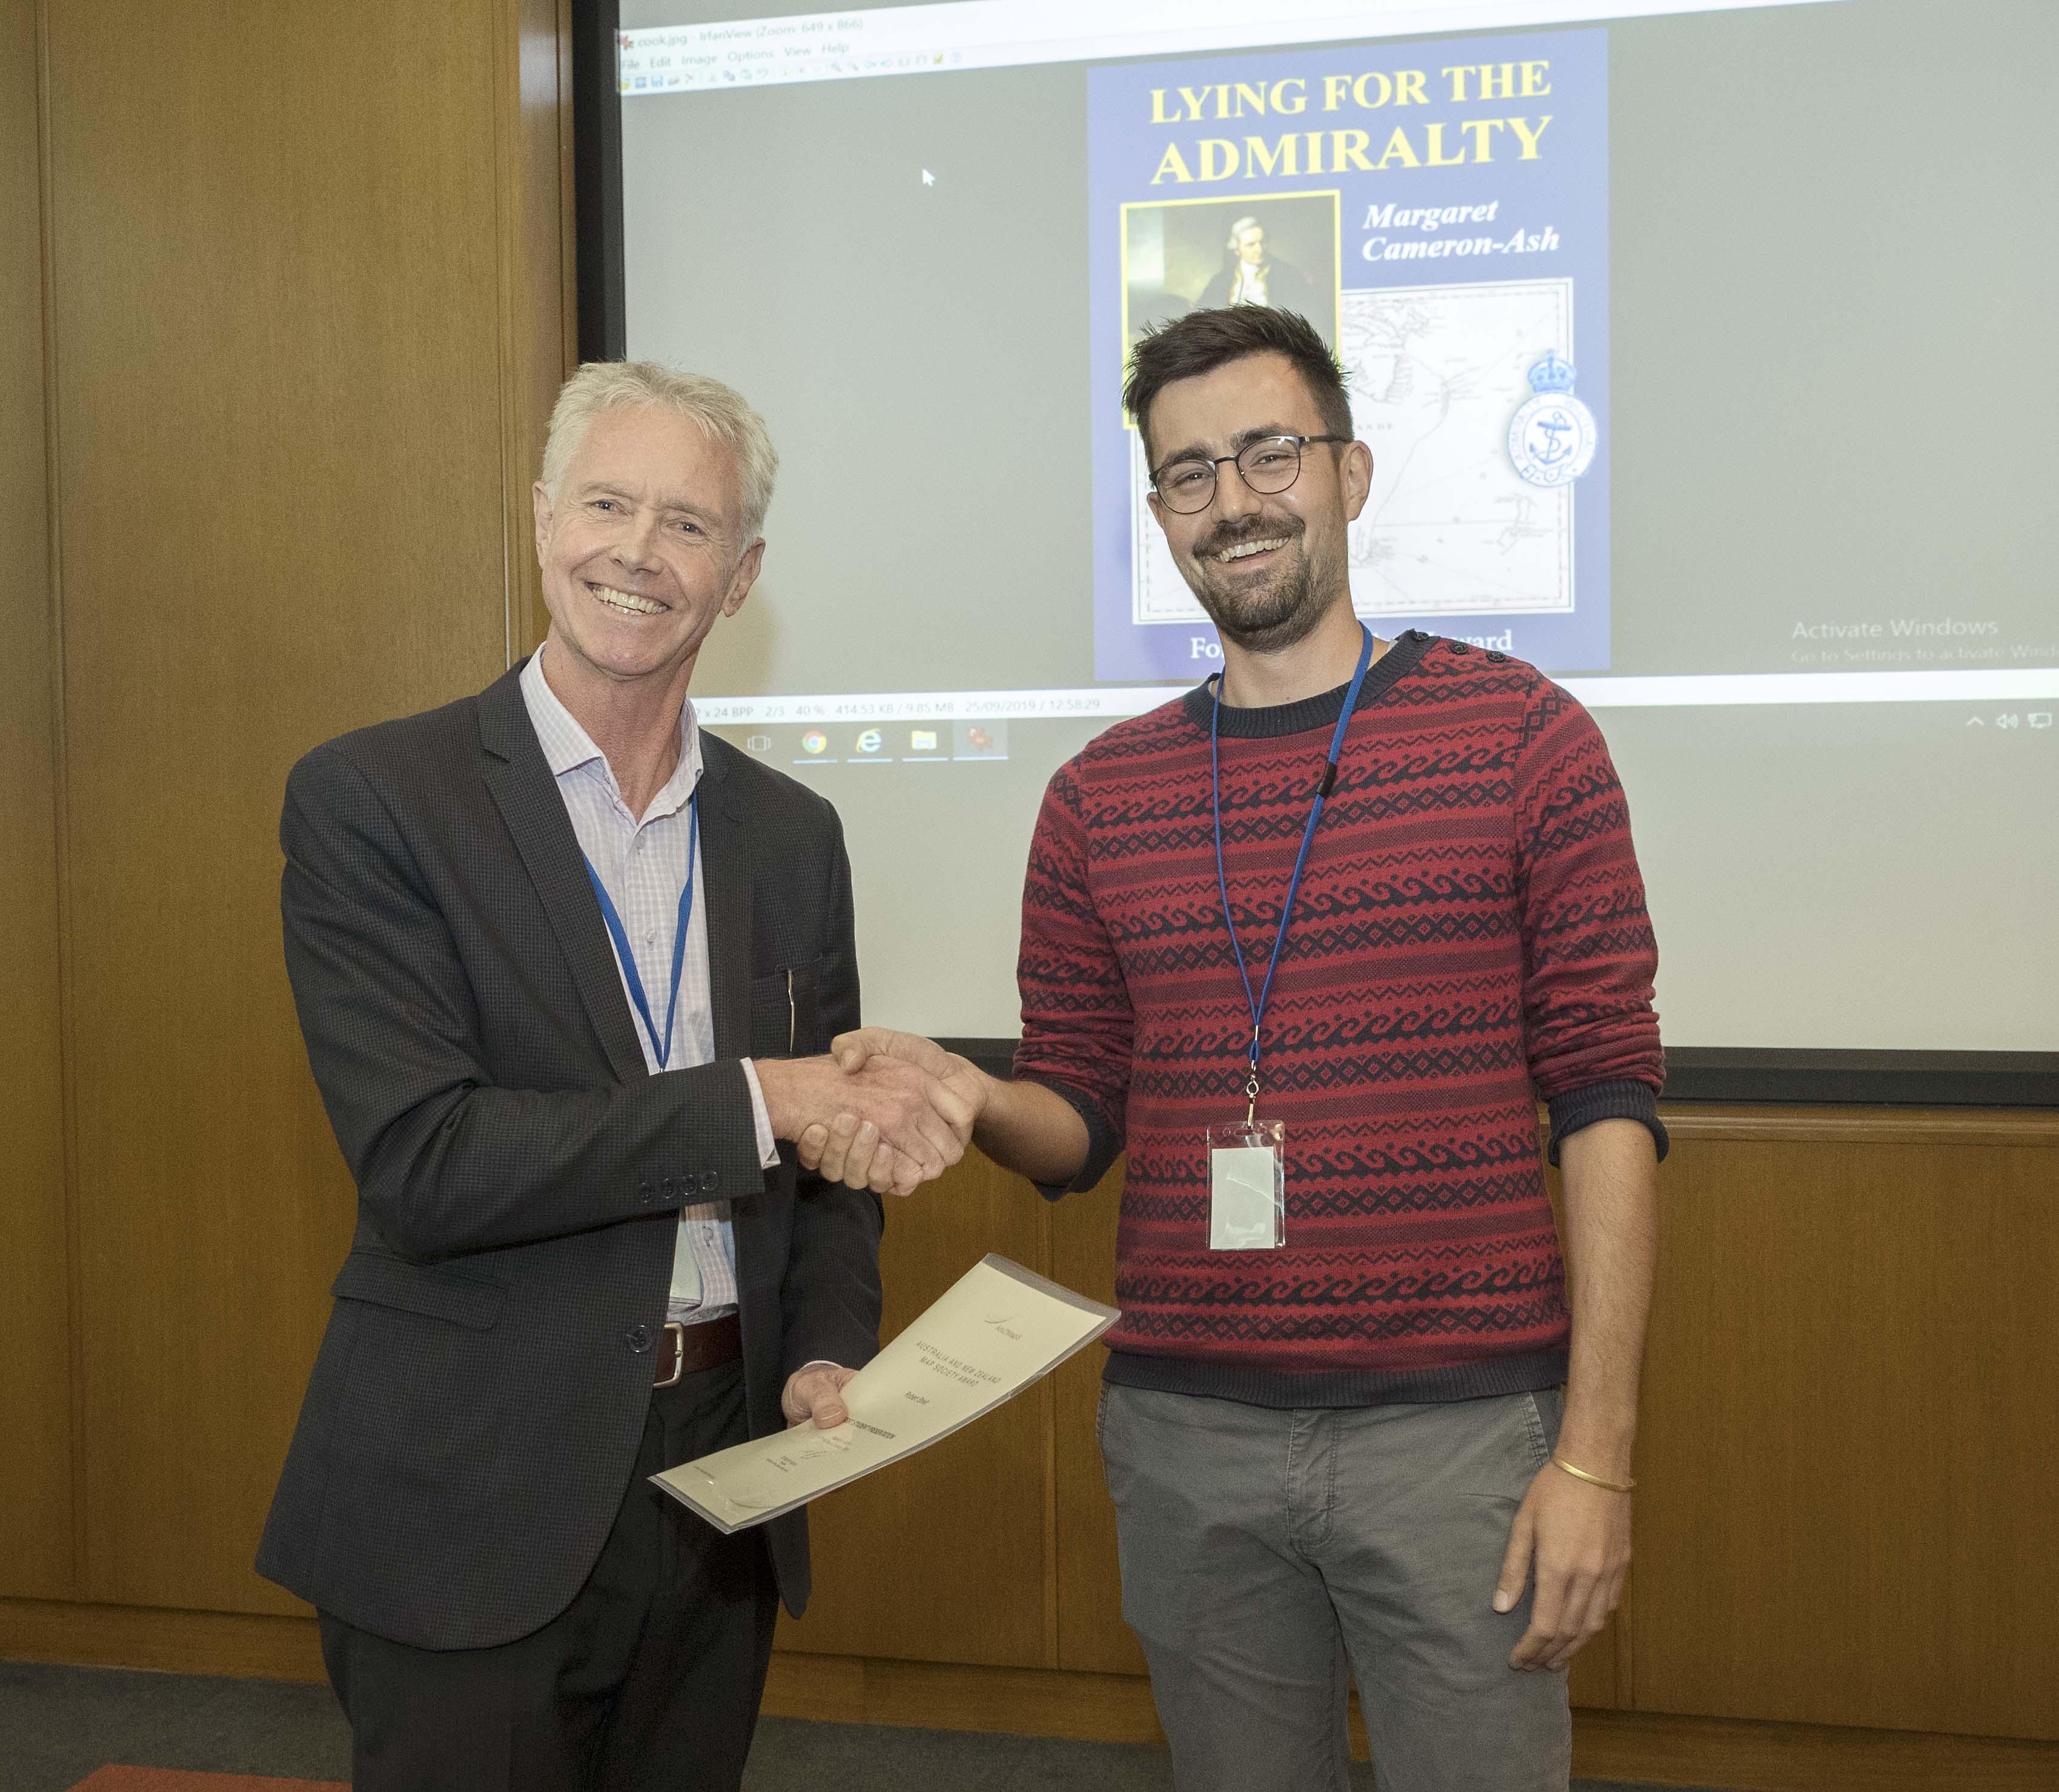 Robert prize